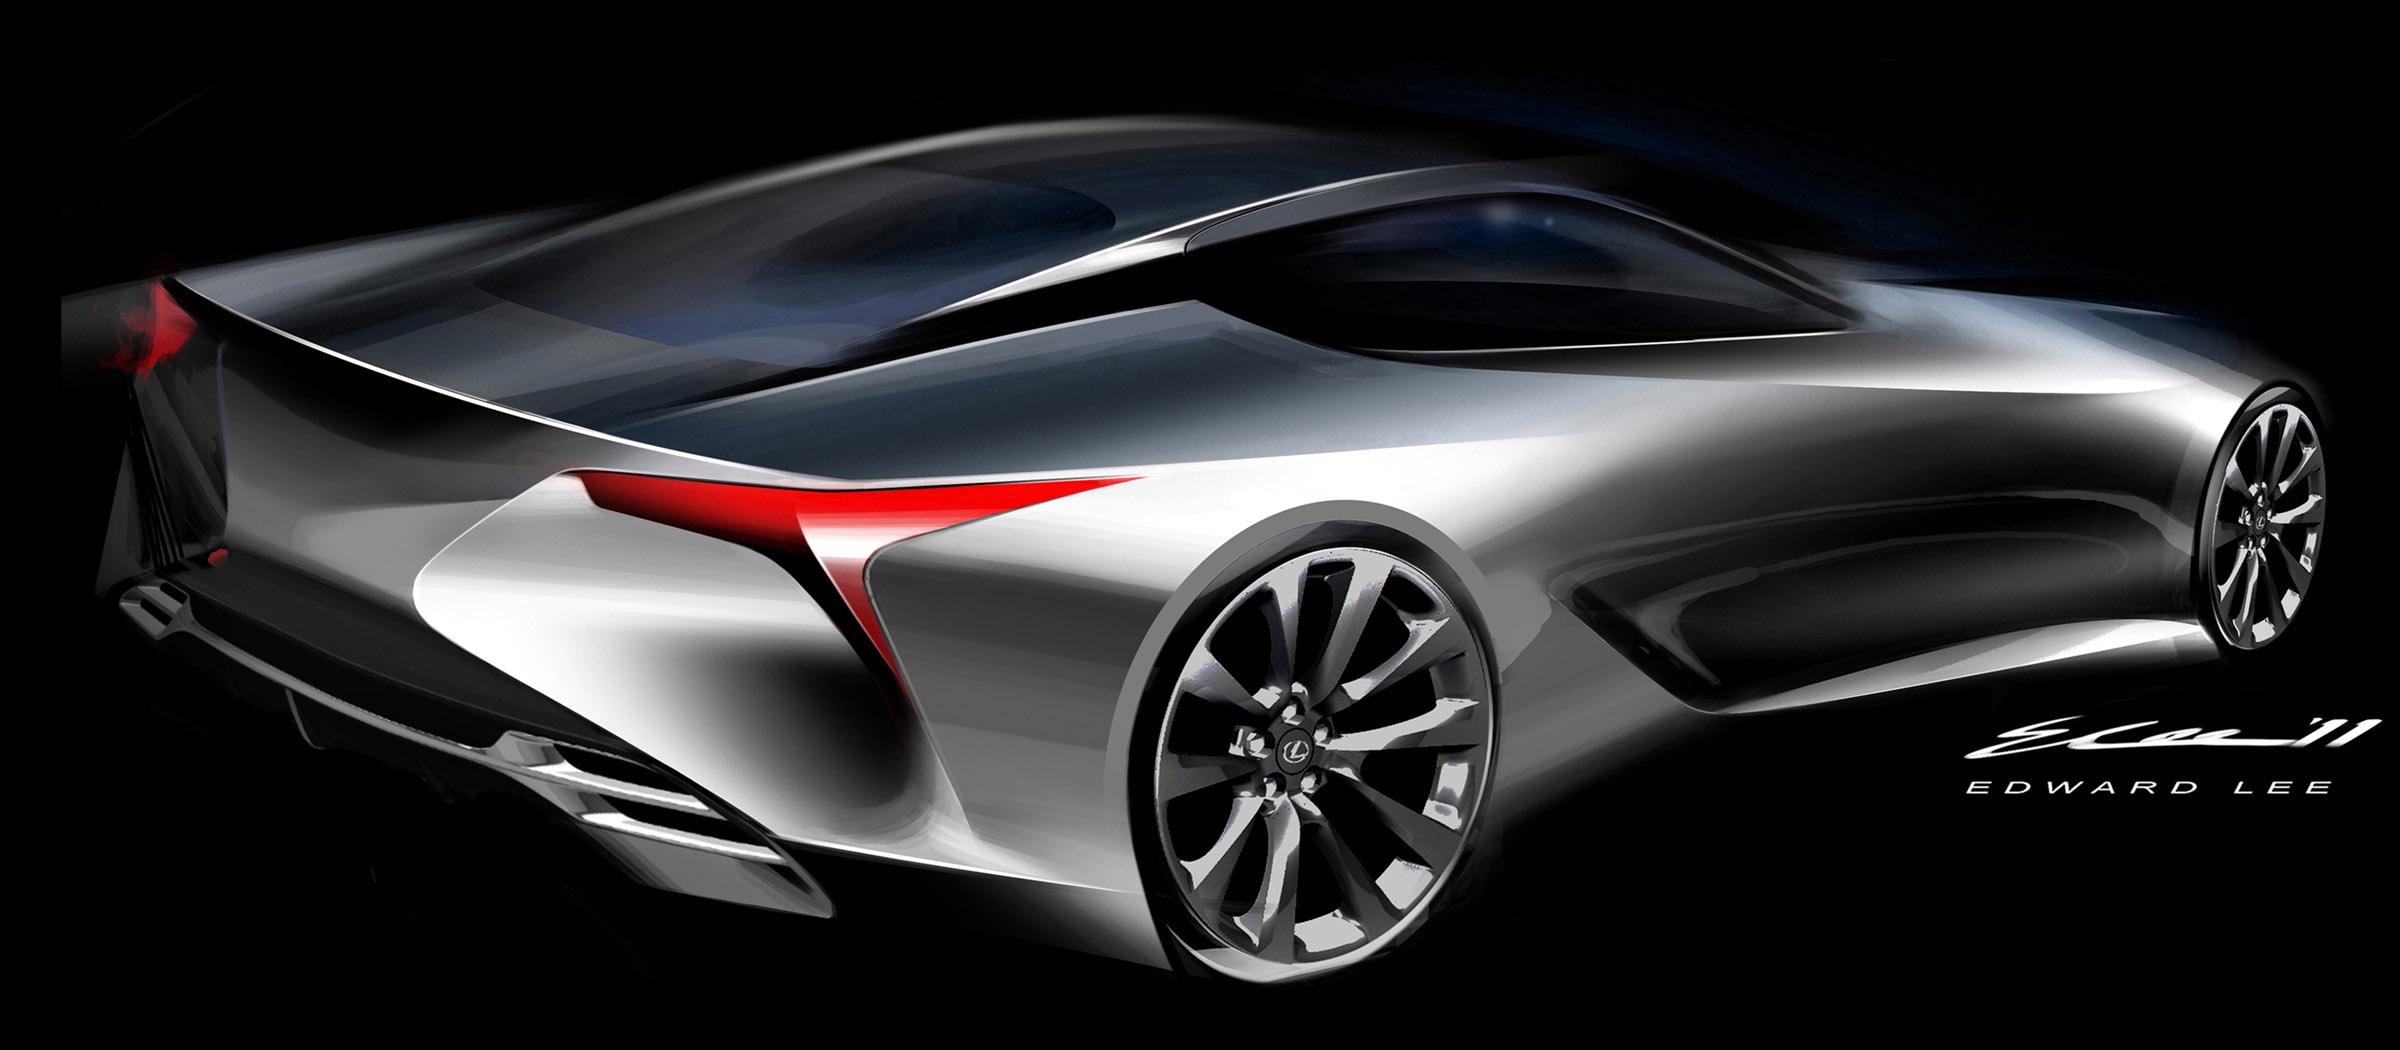 2012 Lexus LF-LC Sport Coupe Concept - Picture 63145